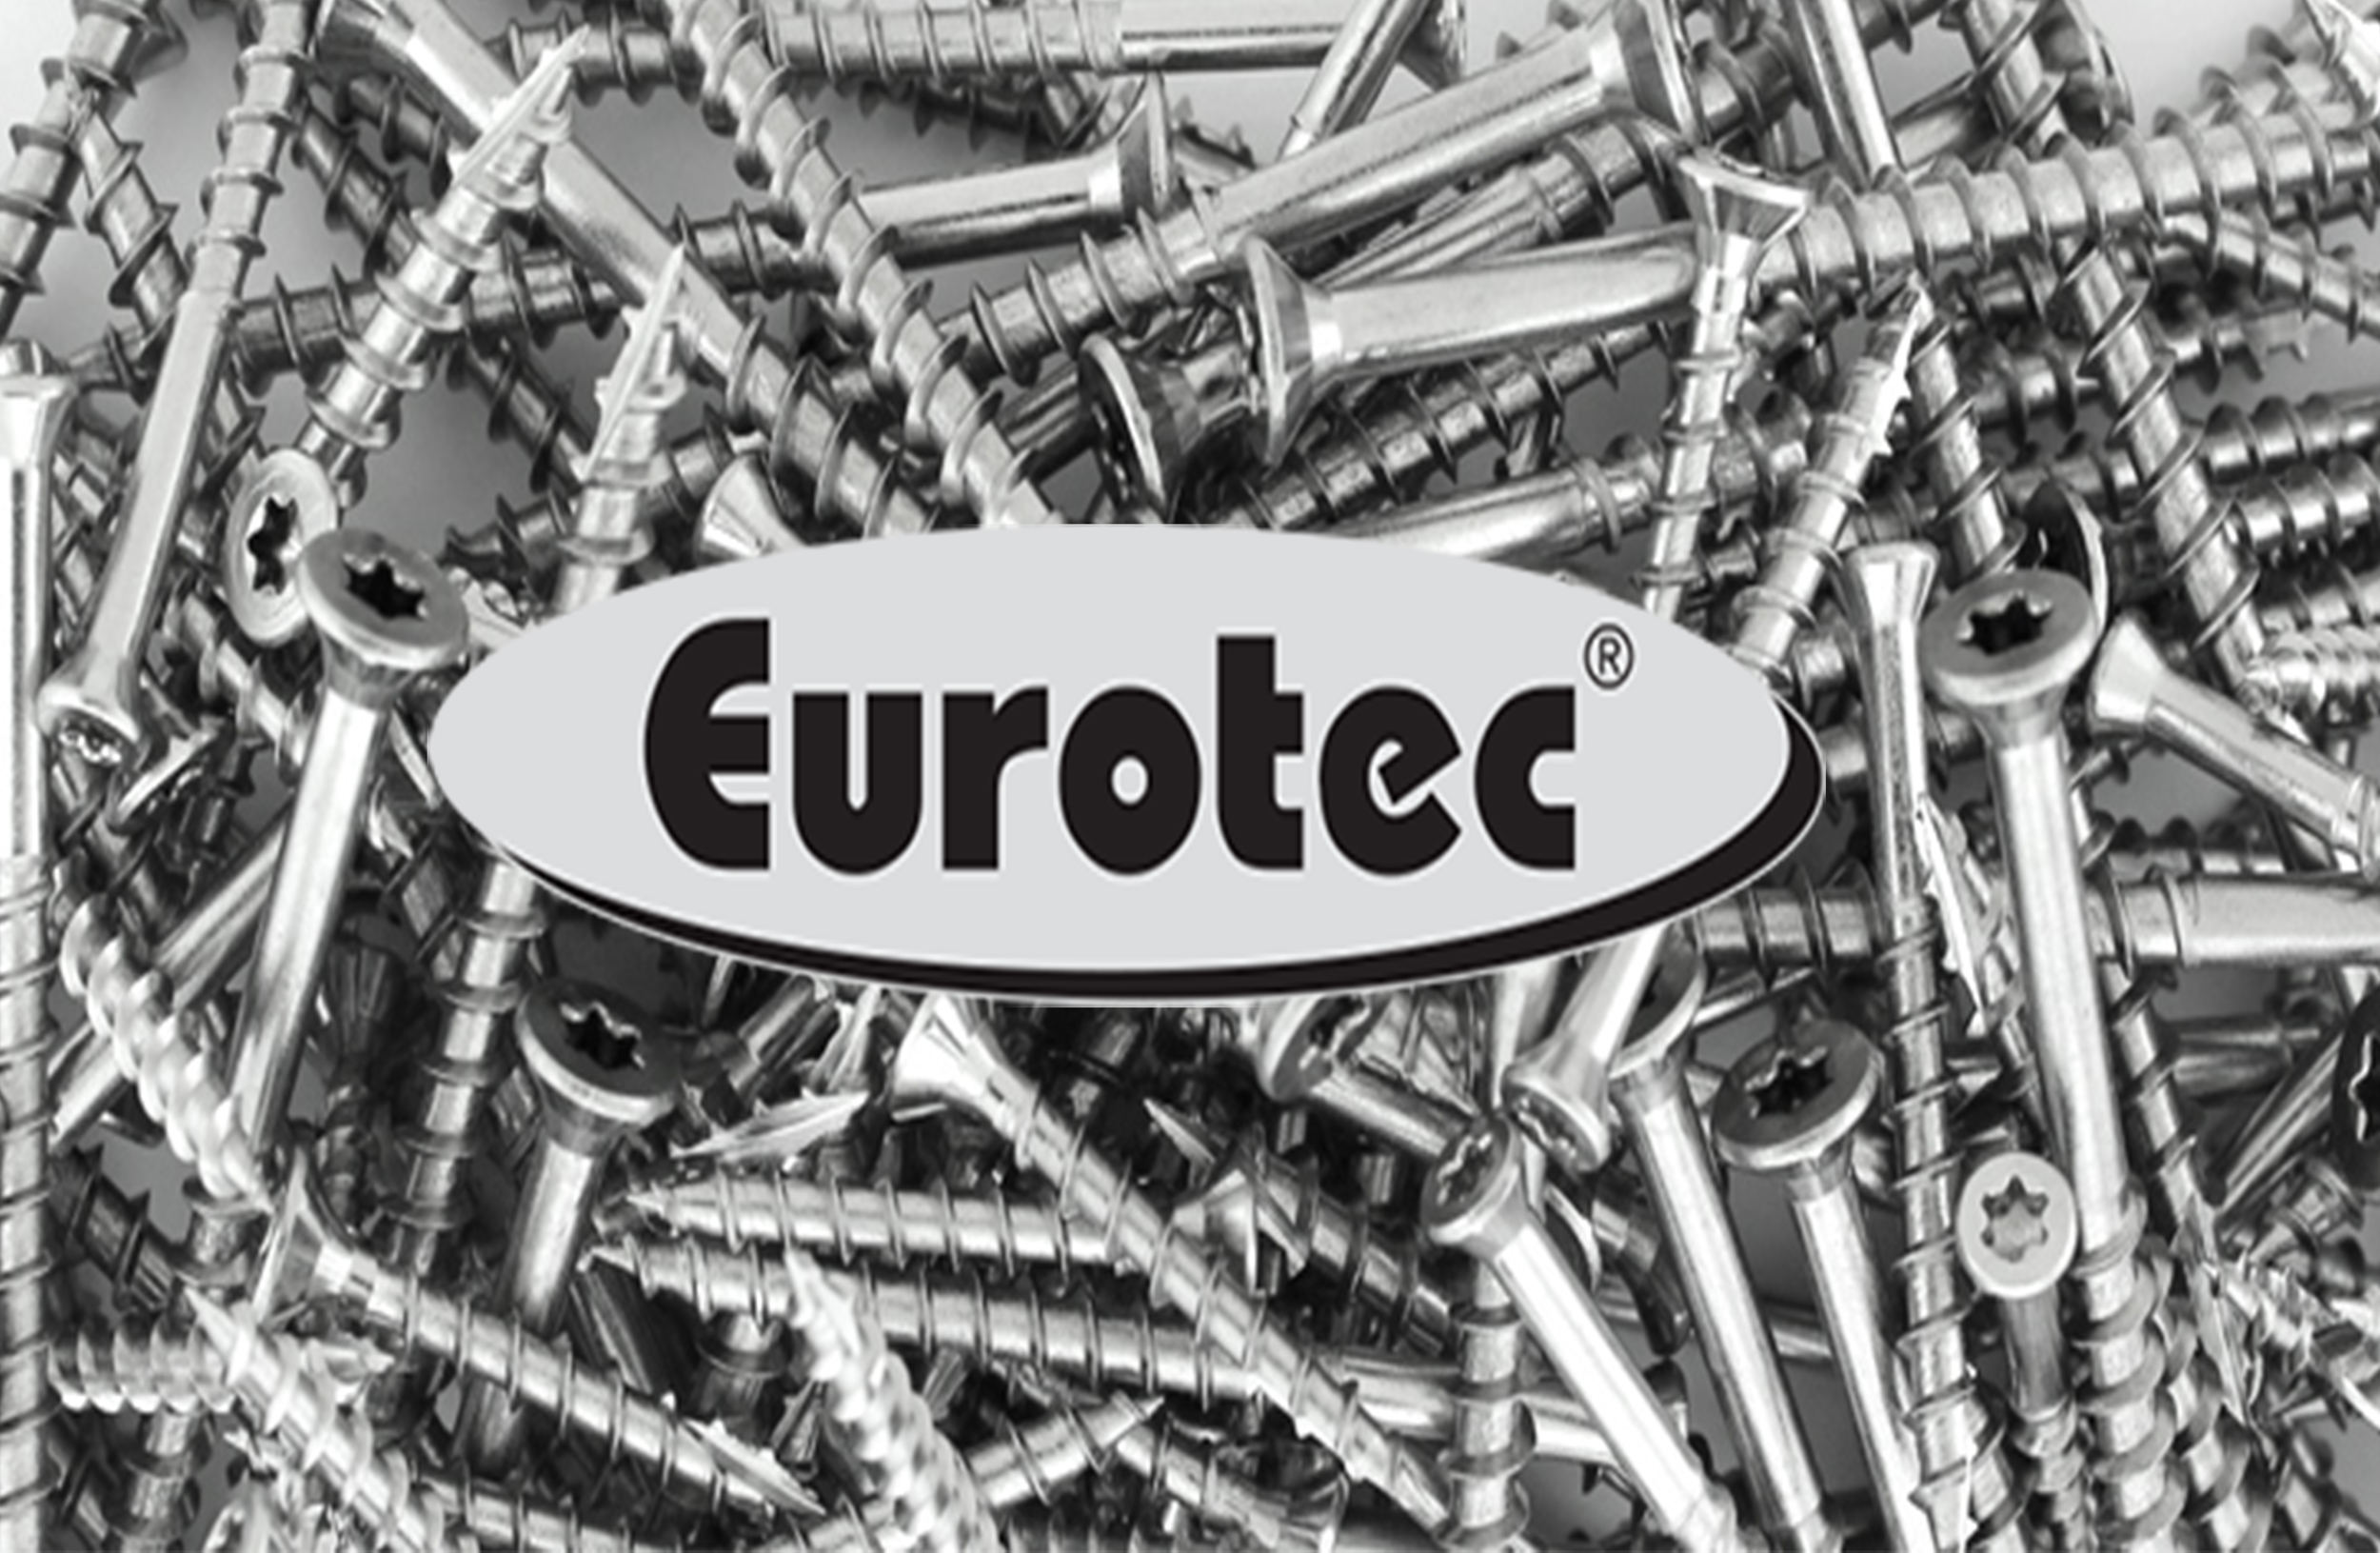 eurotecLOGO3.jpg